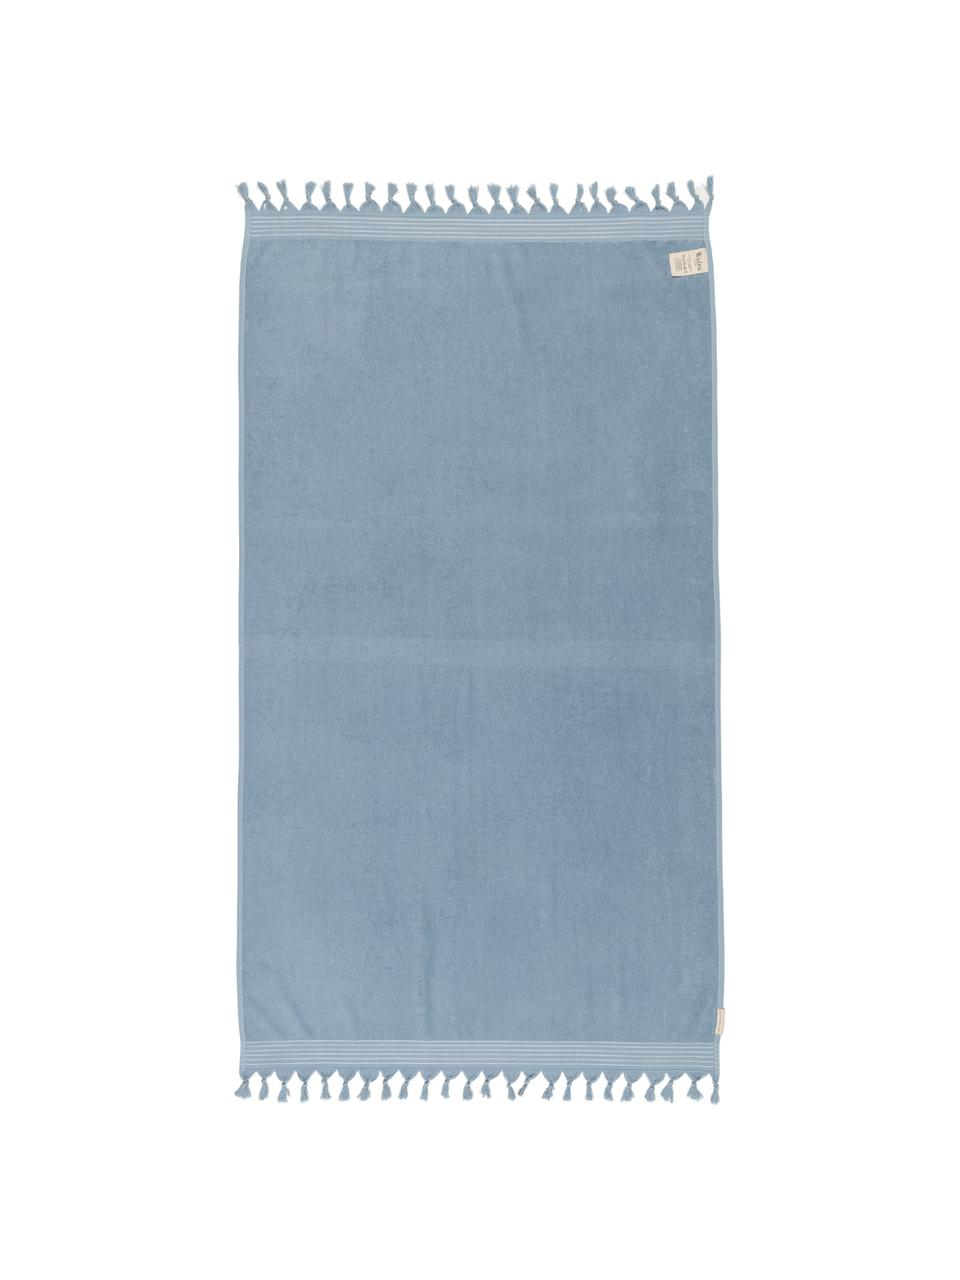 Hamamtuch Soft Cotton mit Frottee-Rückseite, Rückseite: Frottee, Blau, Weiß, 100 x 180 cm